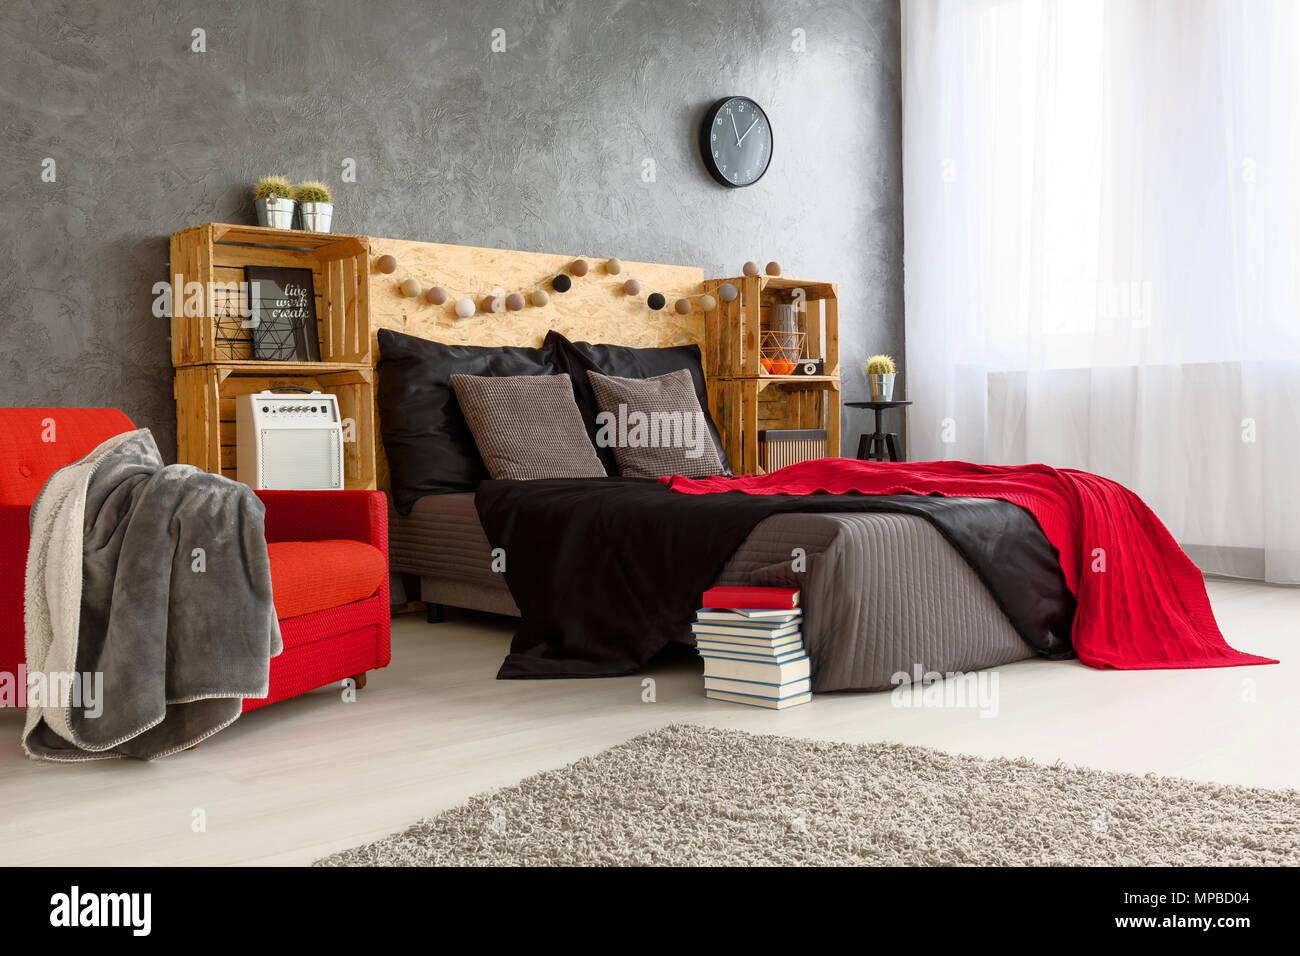 Pareti Camera Da Letto Rossa : Di stile moderno nel design della camera da letto spaziosa pareti